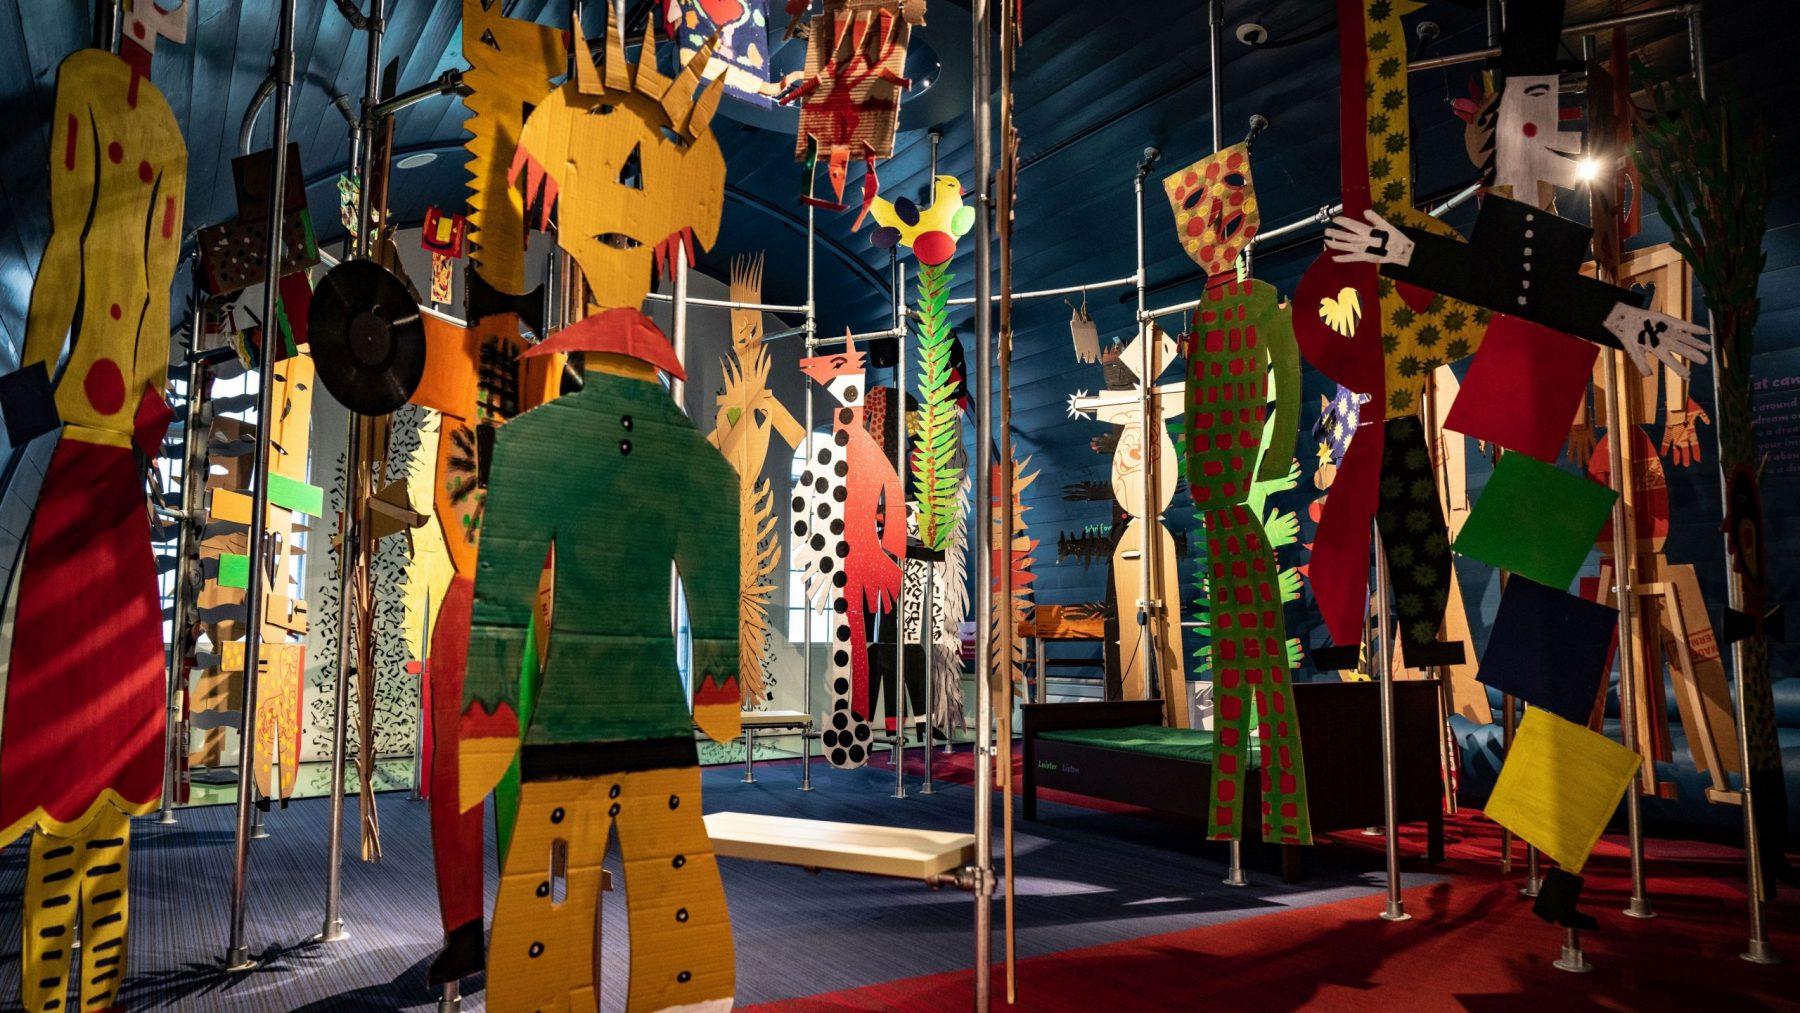 Droombos Joods Historisch Museum